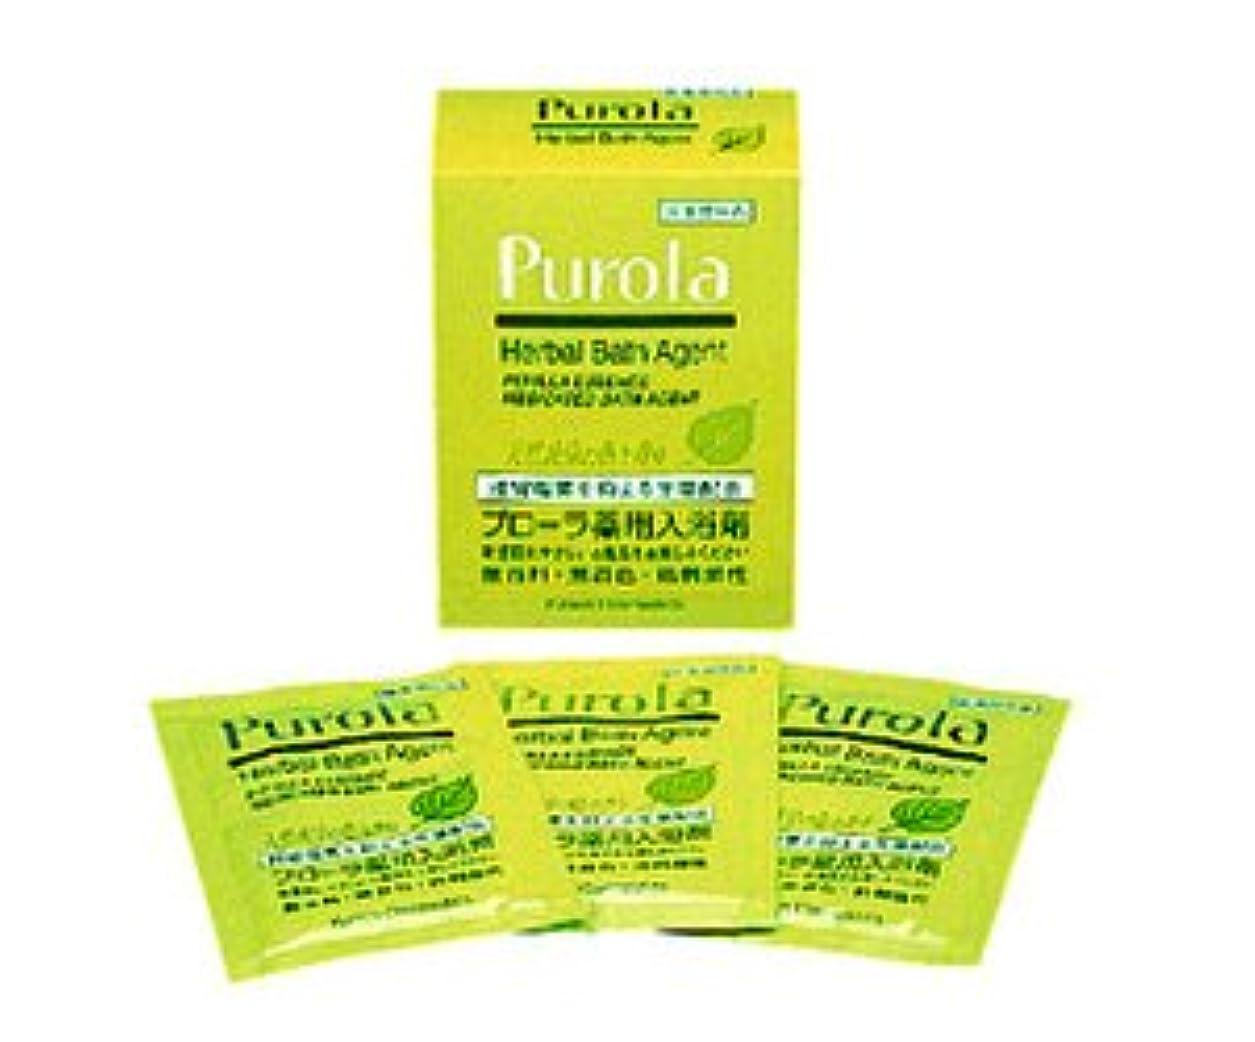 事件、出来事ゼロ怠感プローラ薬用入浴剤 25g×10包 低刺激性入浴剤